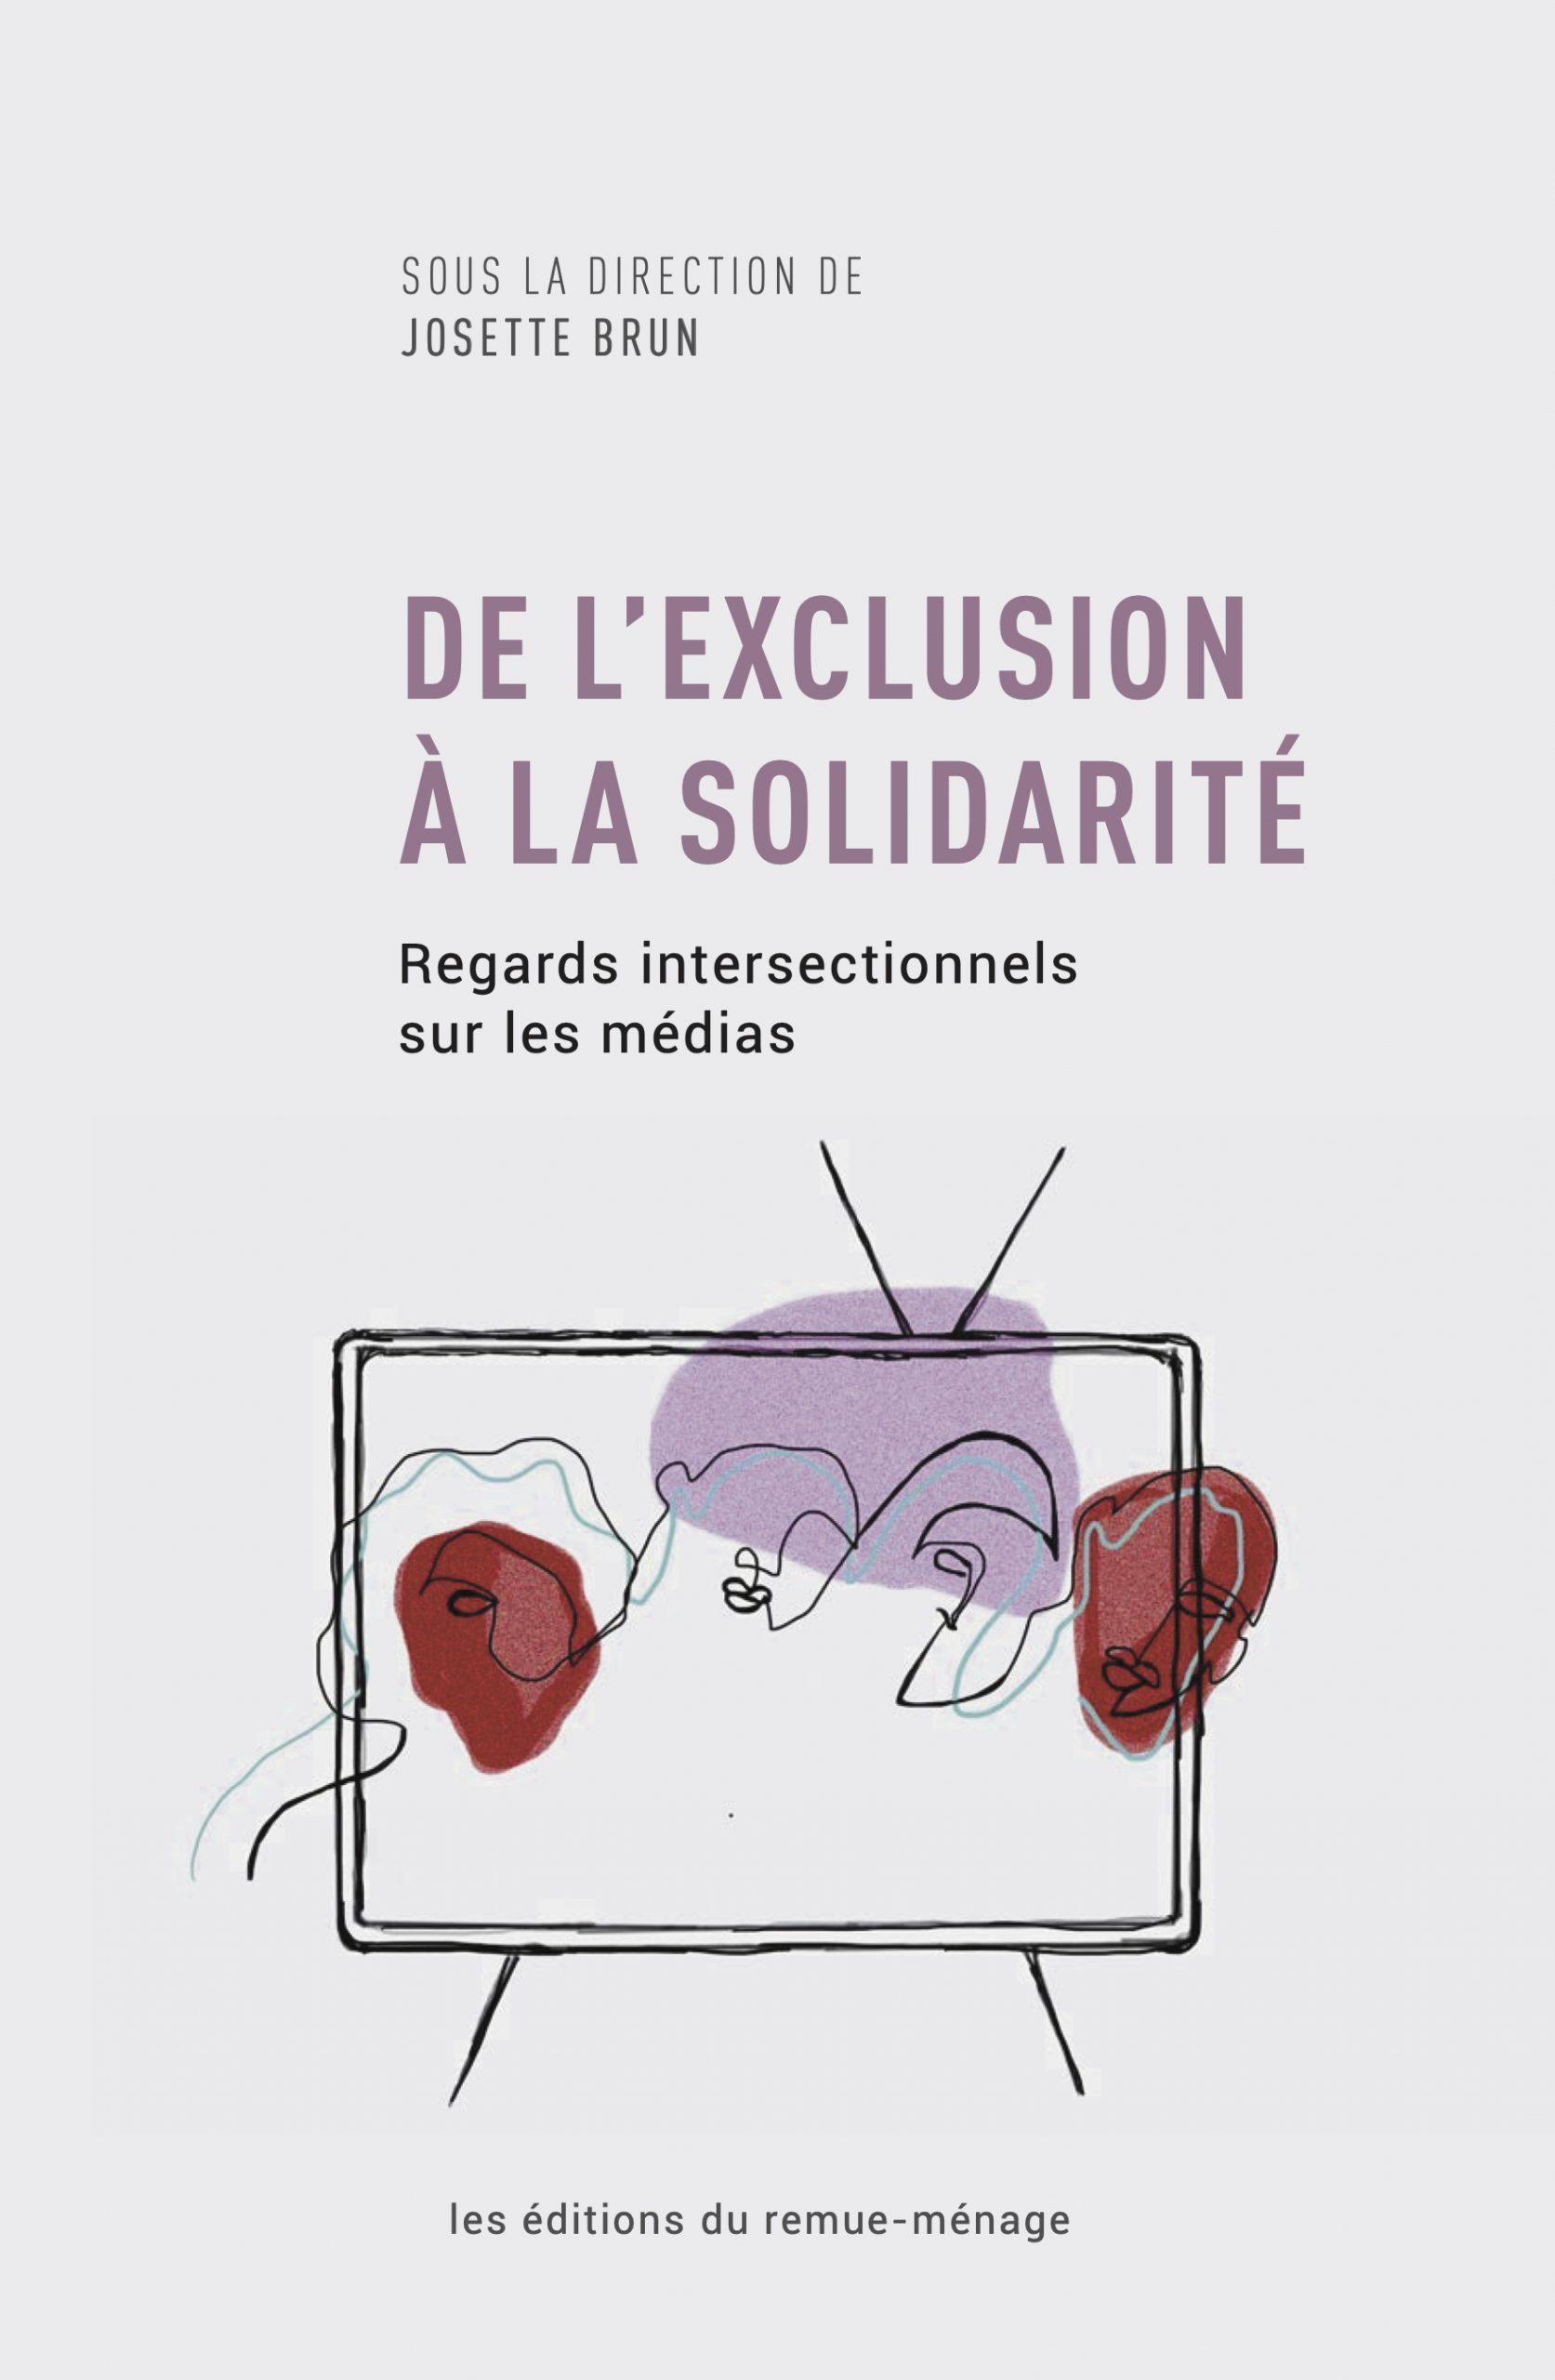 J. Brun (dir.), De l'exclusion à la solidarité. Regards intersectionnels sur les médias